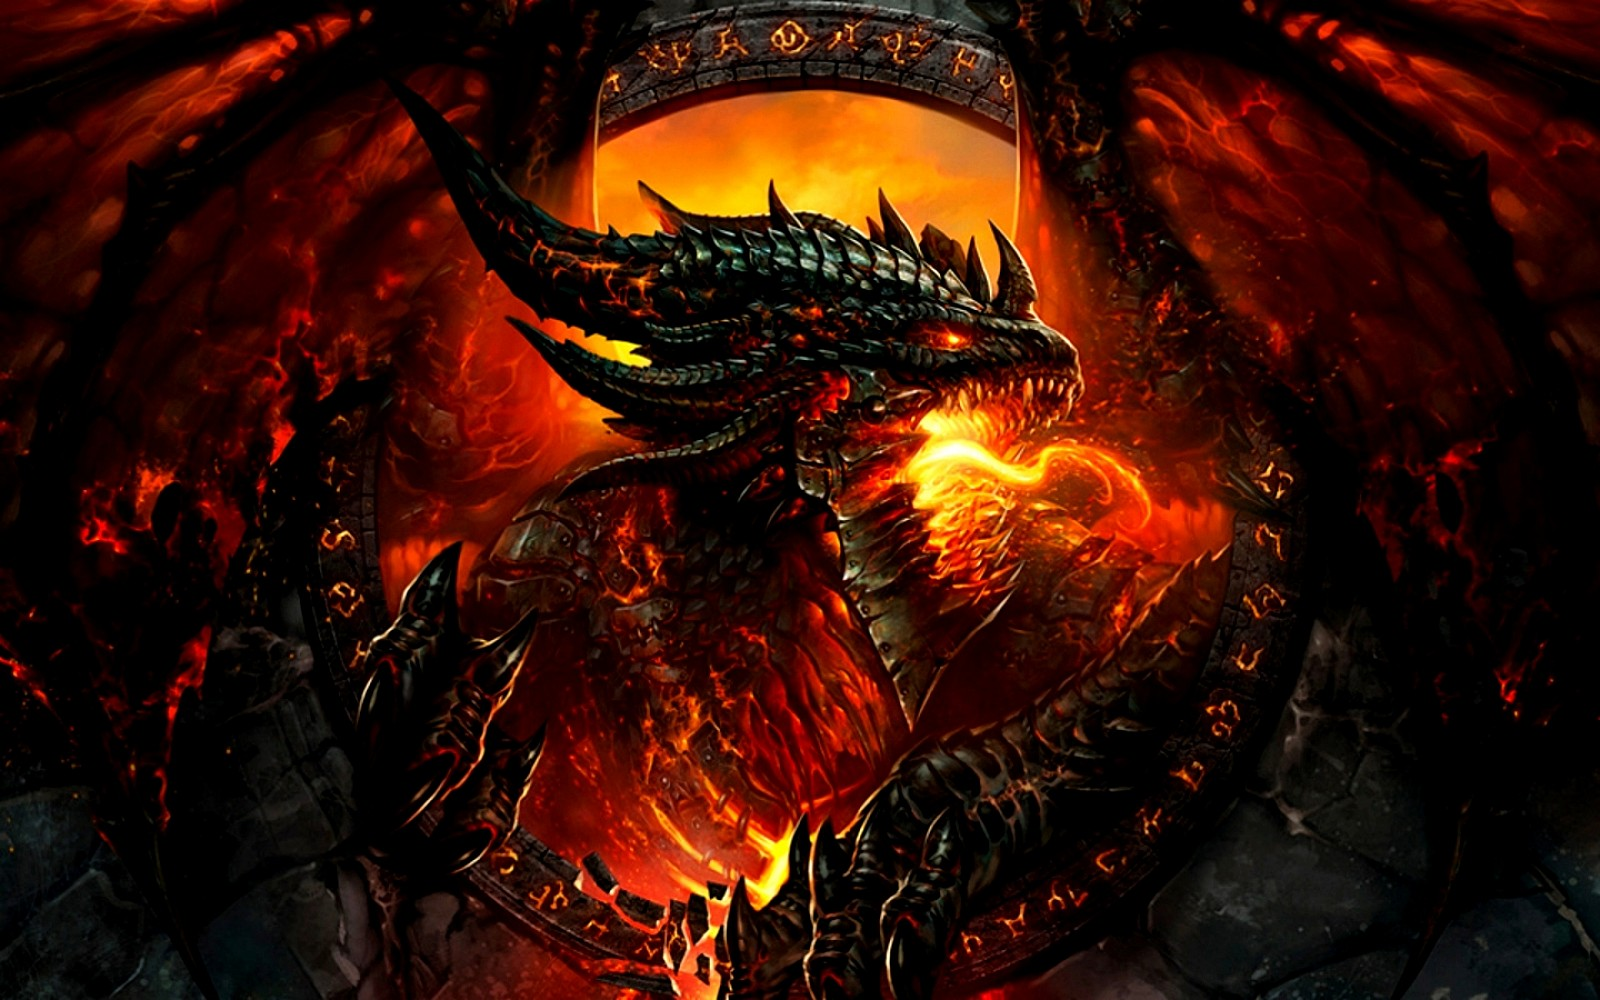 Hình ảnh rồng lửa cực đẹp